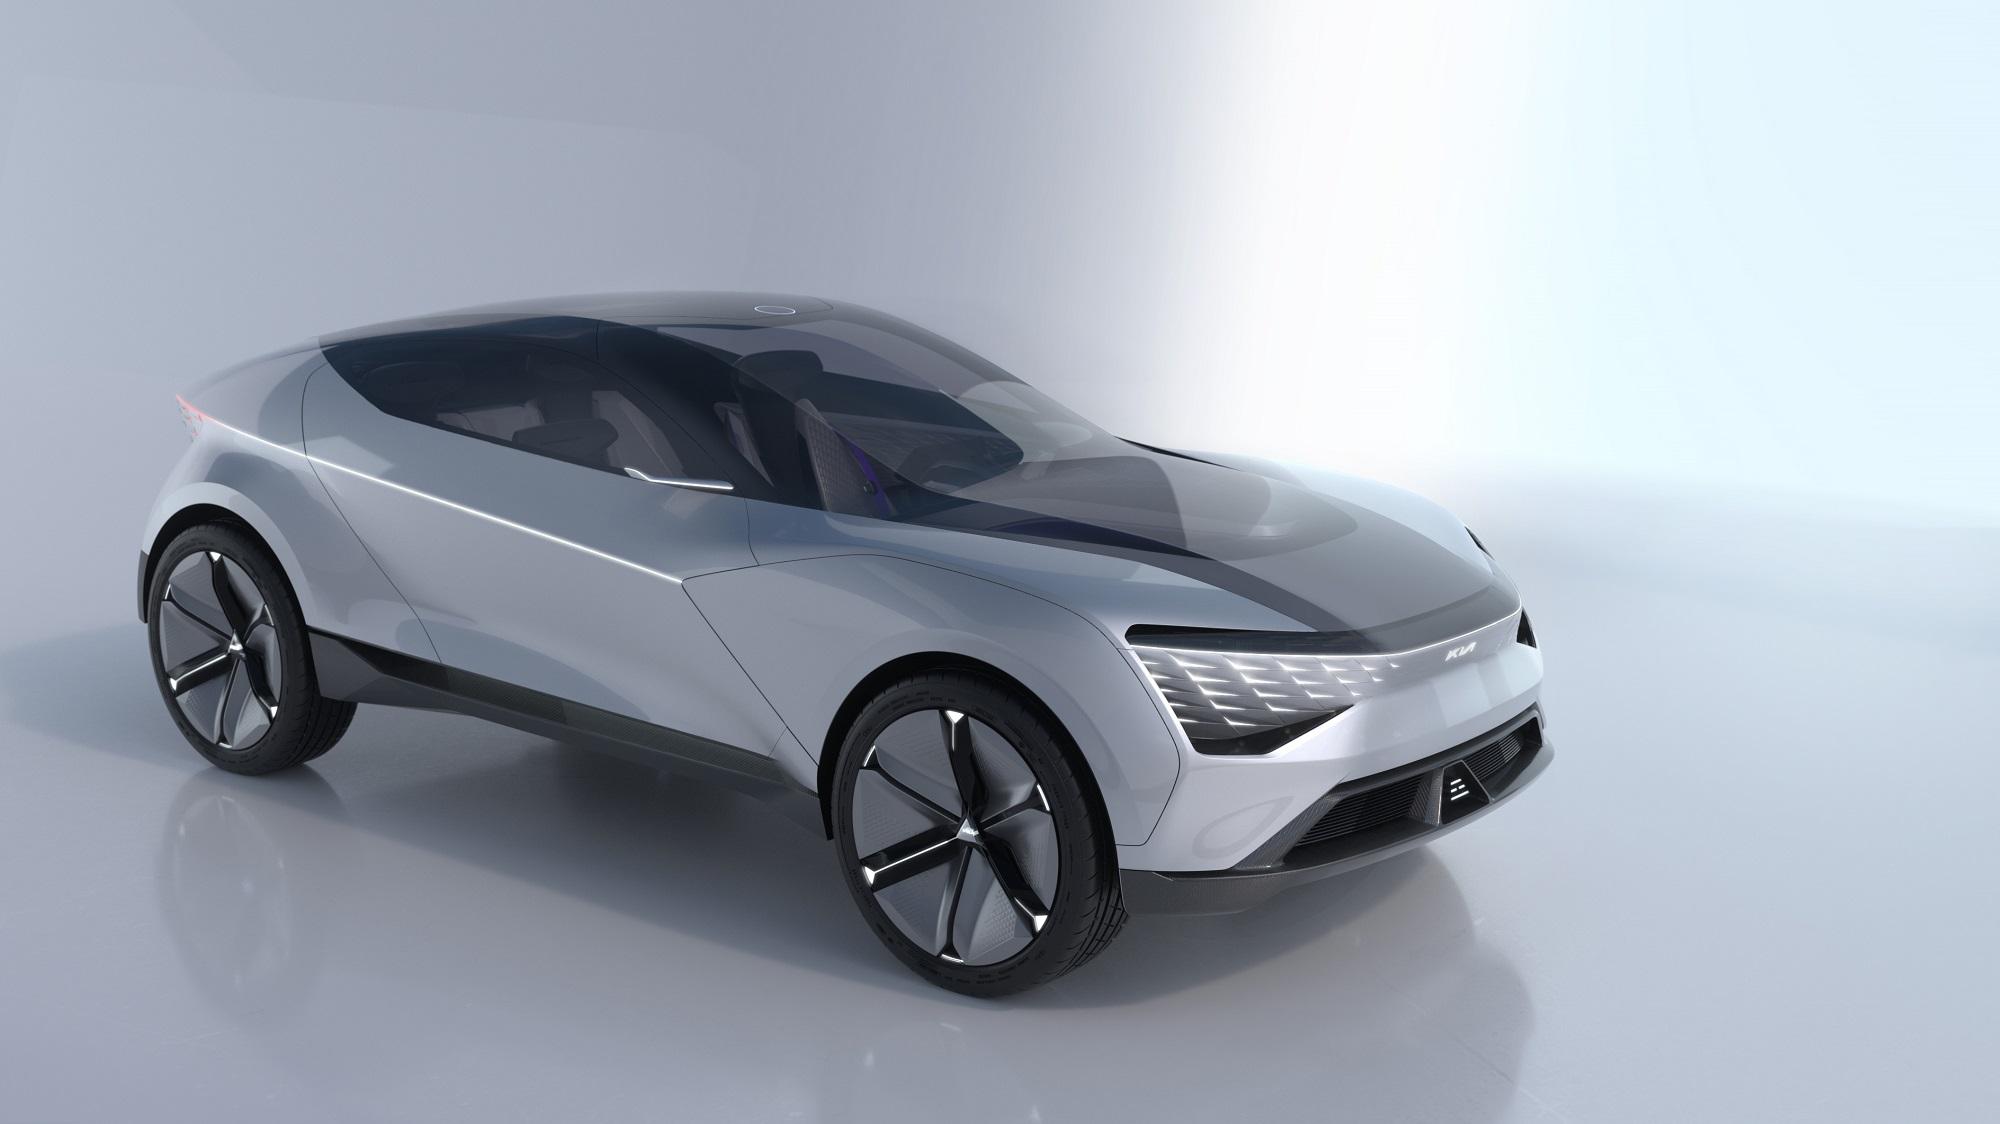 Kia Futuron Concept Parece nave espacial com superfícies repleta de vincos